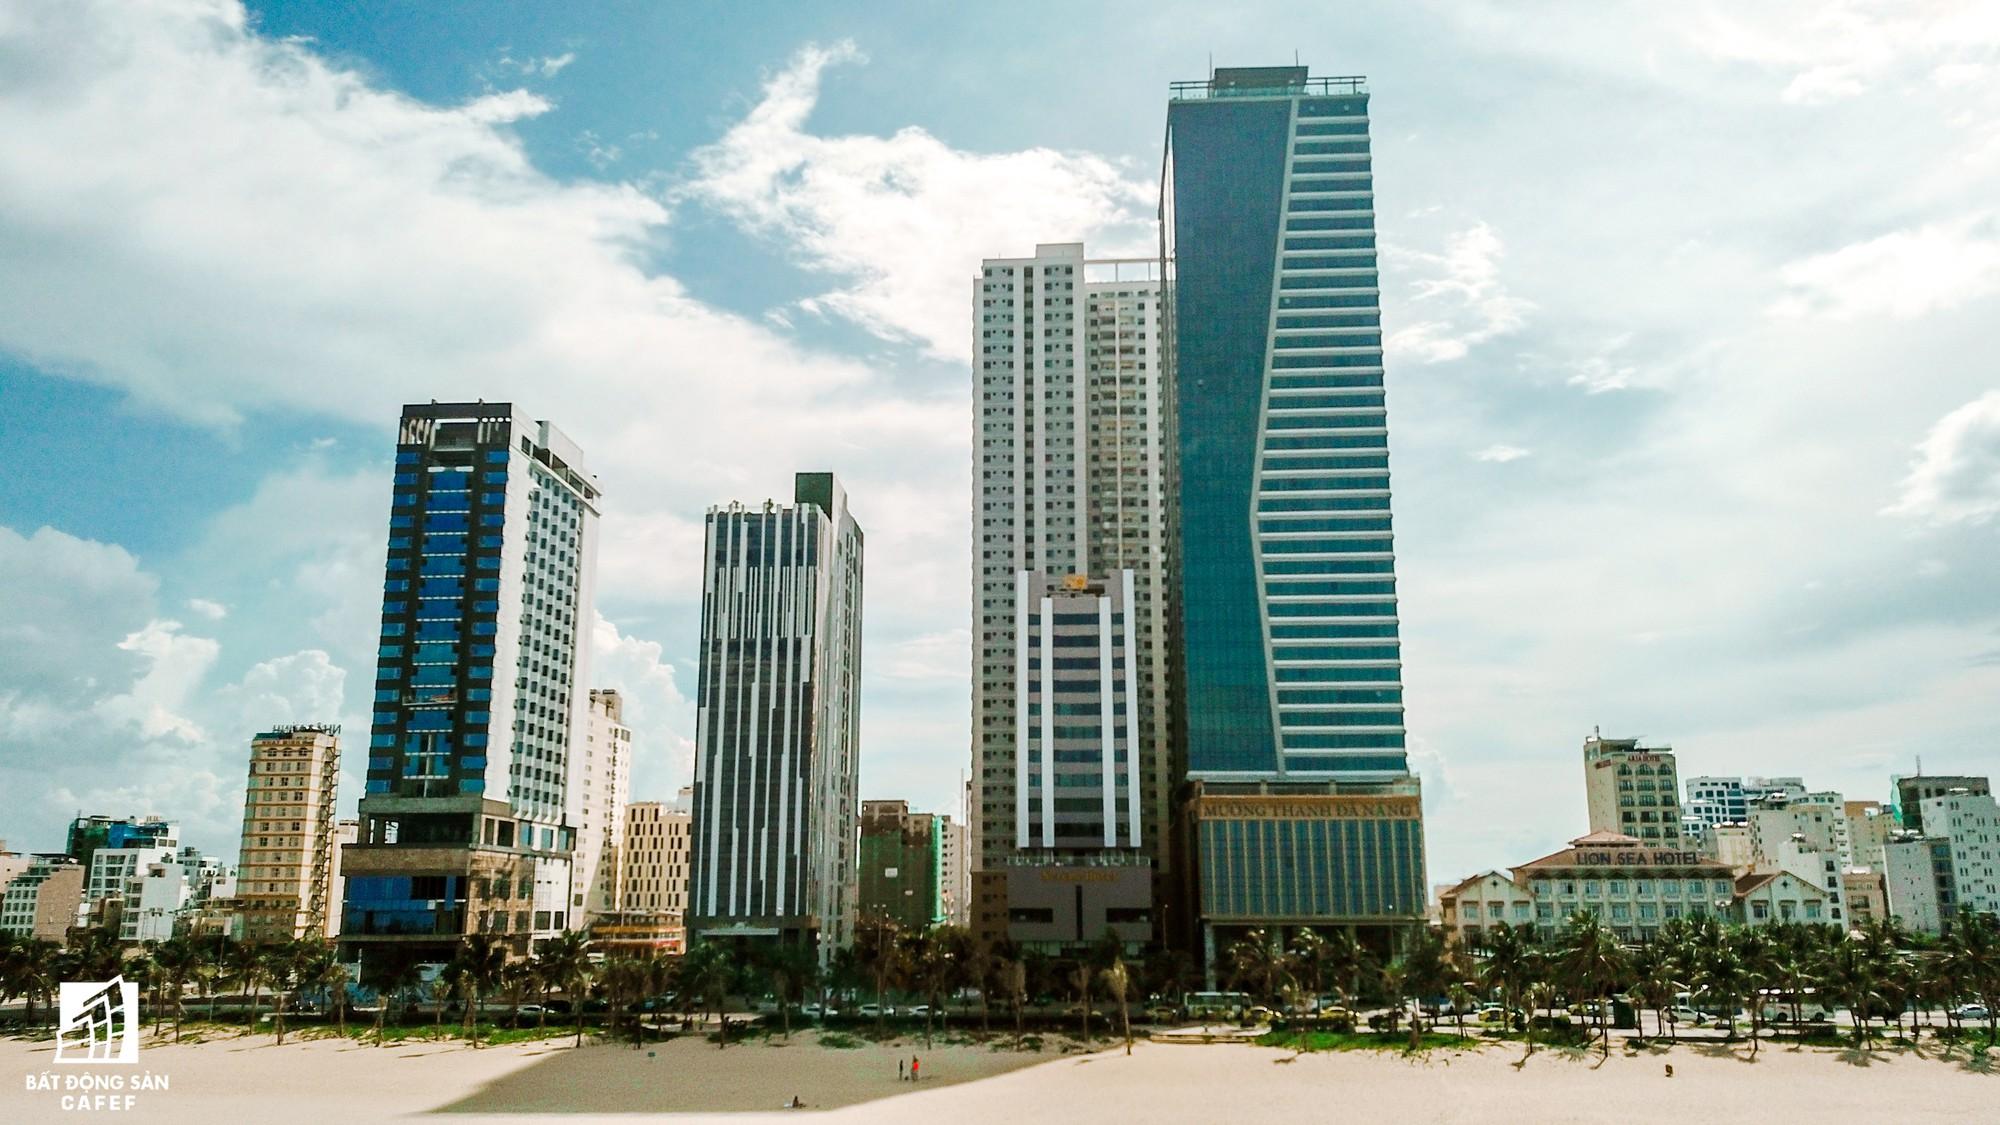 Phim cách nhiệt cho khách sạn tại Đà Nẵng